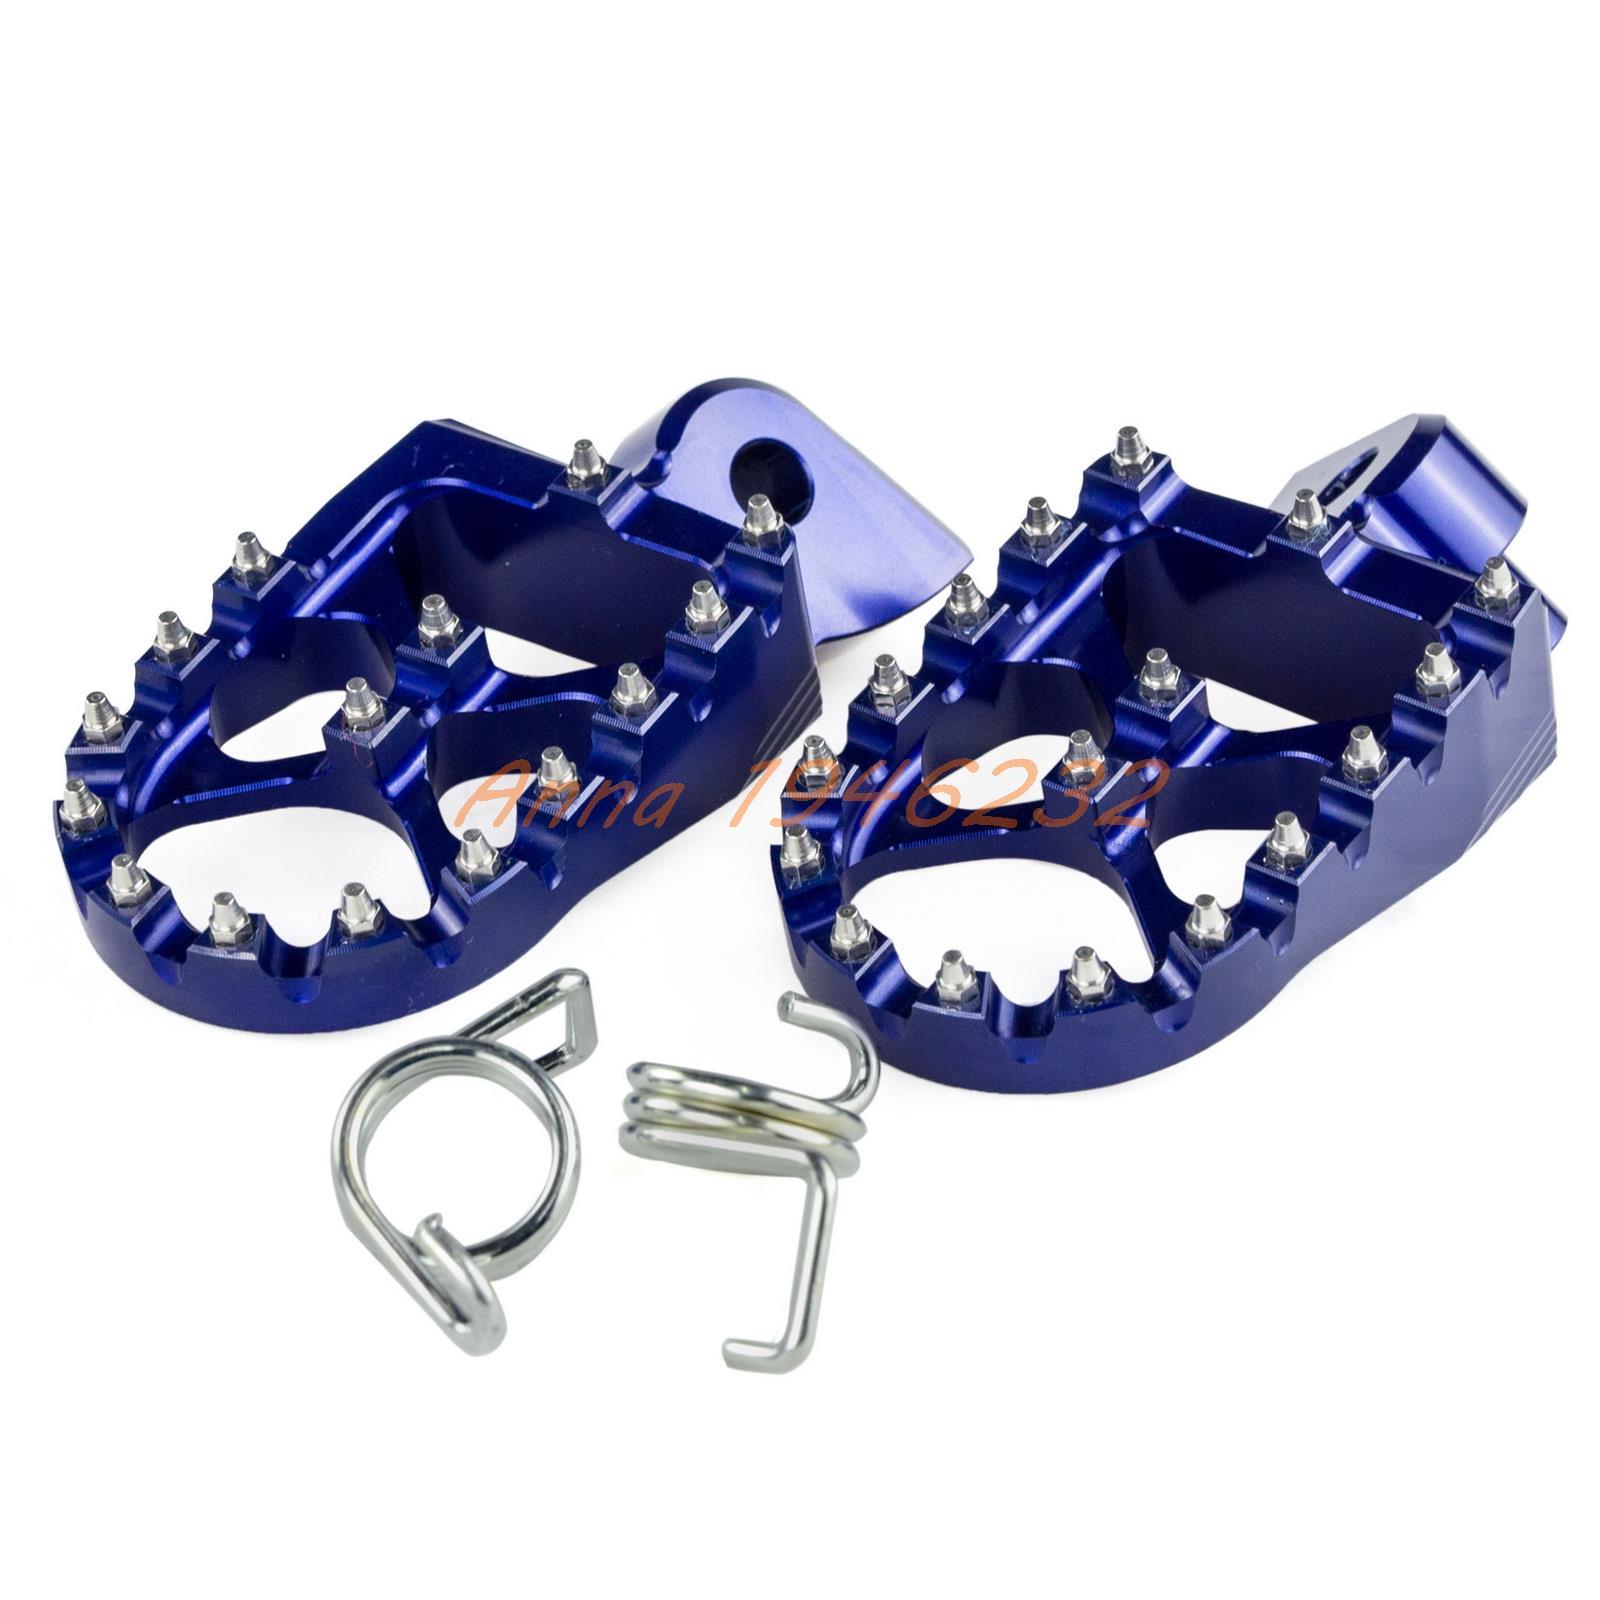 57mm 7075 blauw brede voetsteunen voetsteunen voor Husqvarna FE / FC / TE / TC 65 85 125 250 350 450 501 Husaberg TE FE 125-570